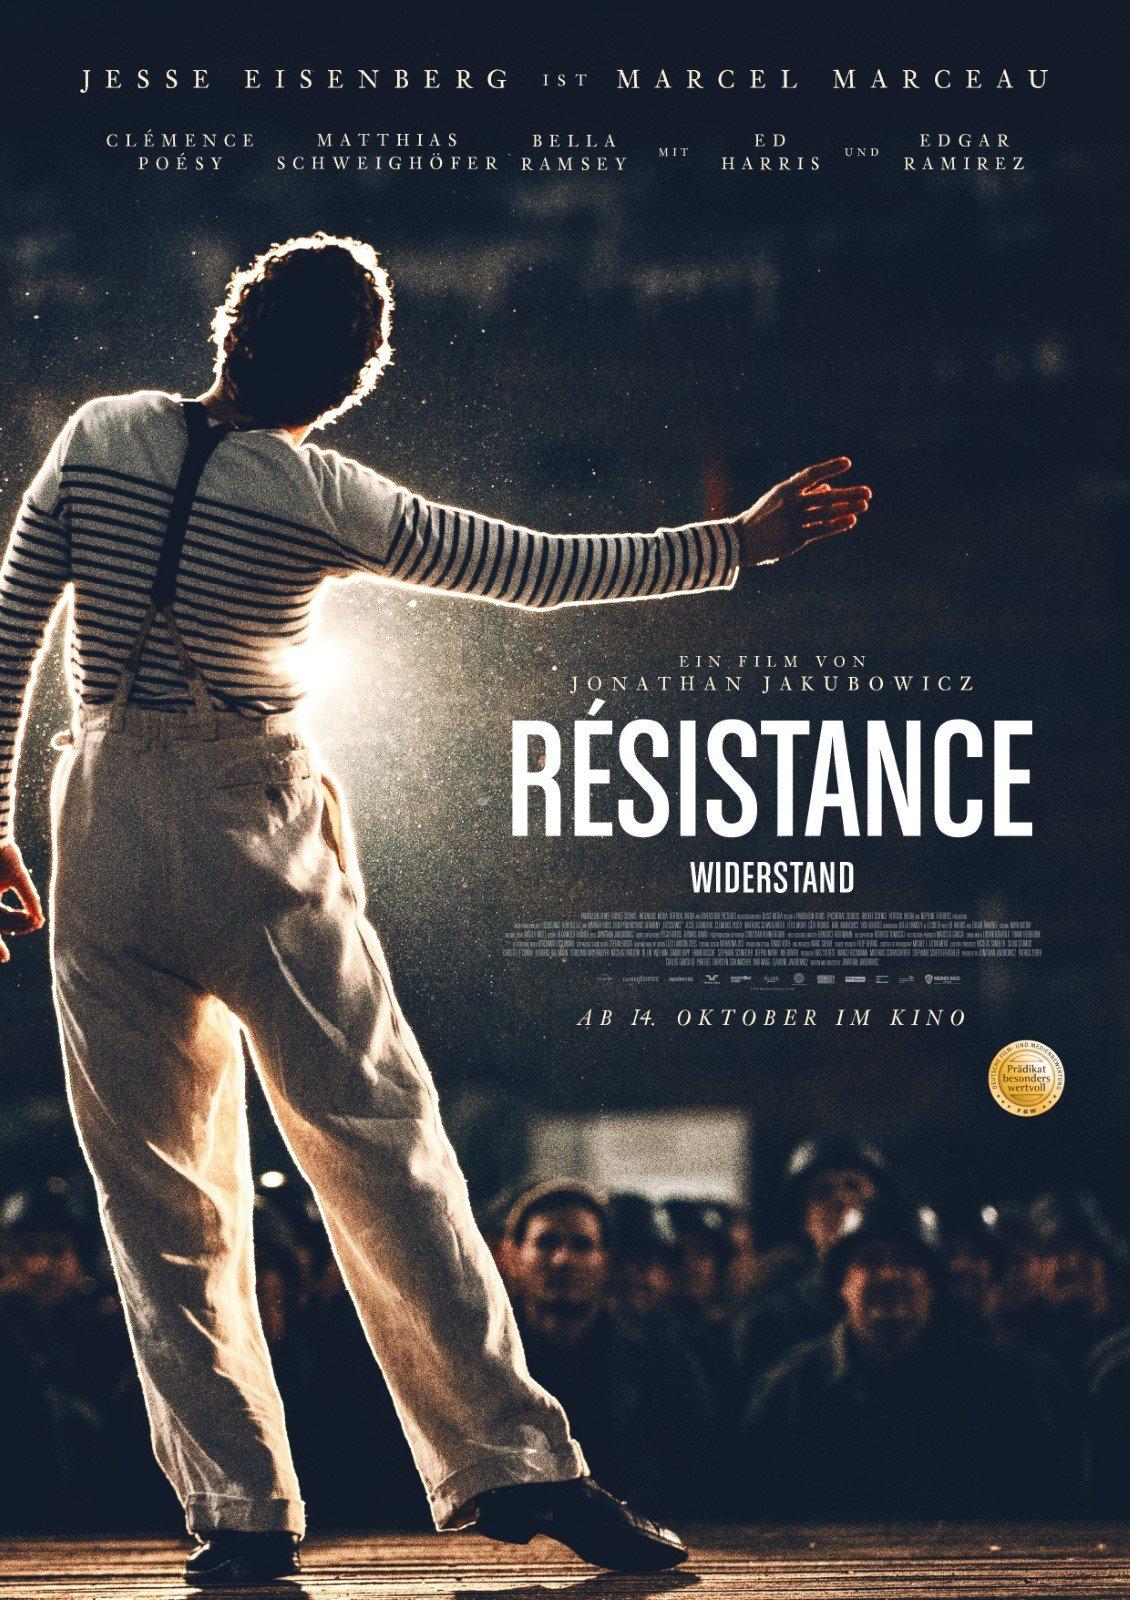 Poster Résistance - Widerstand